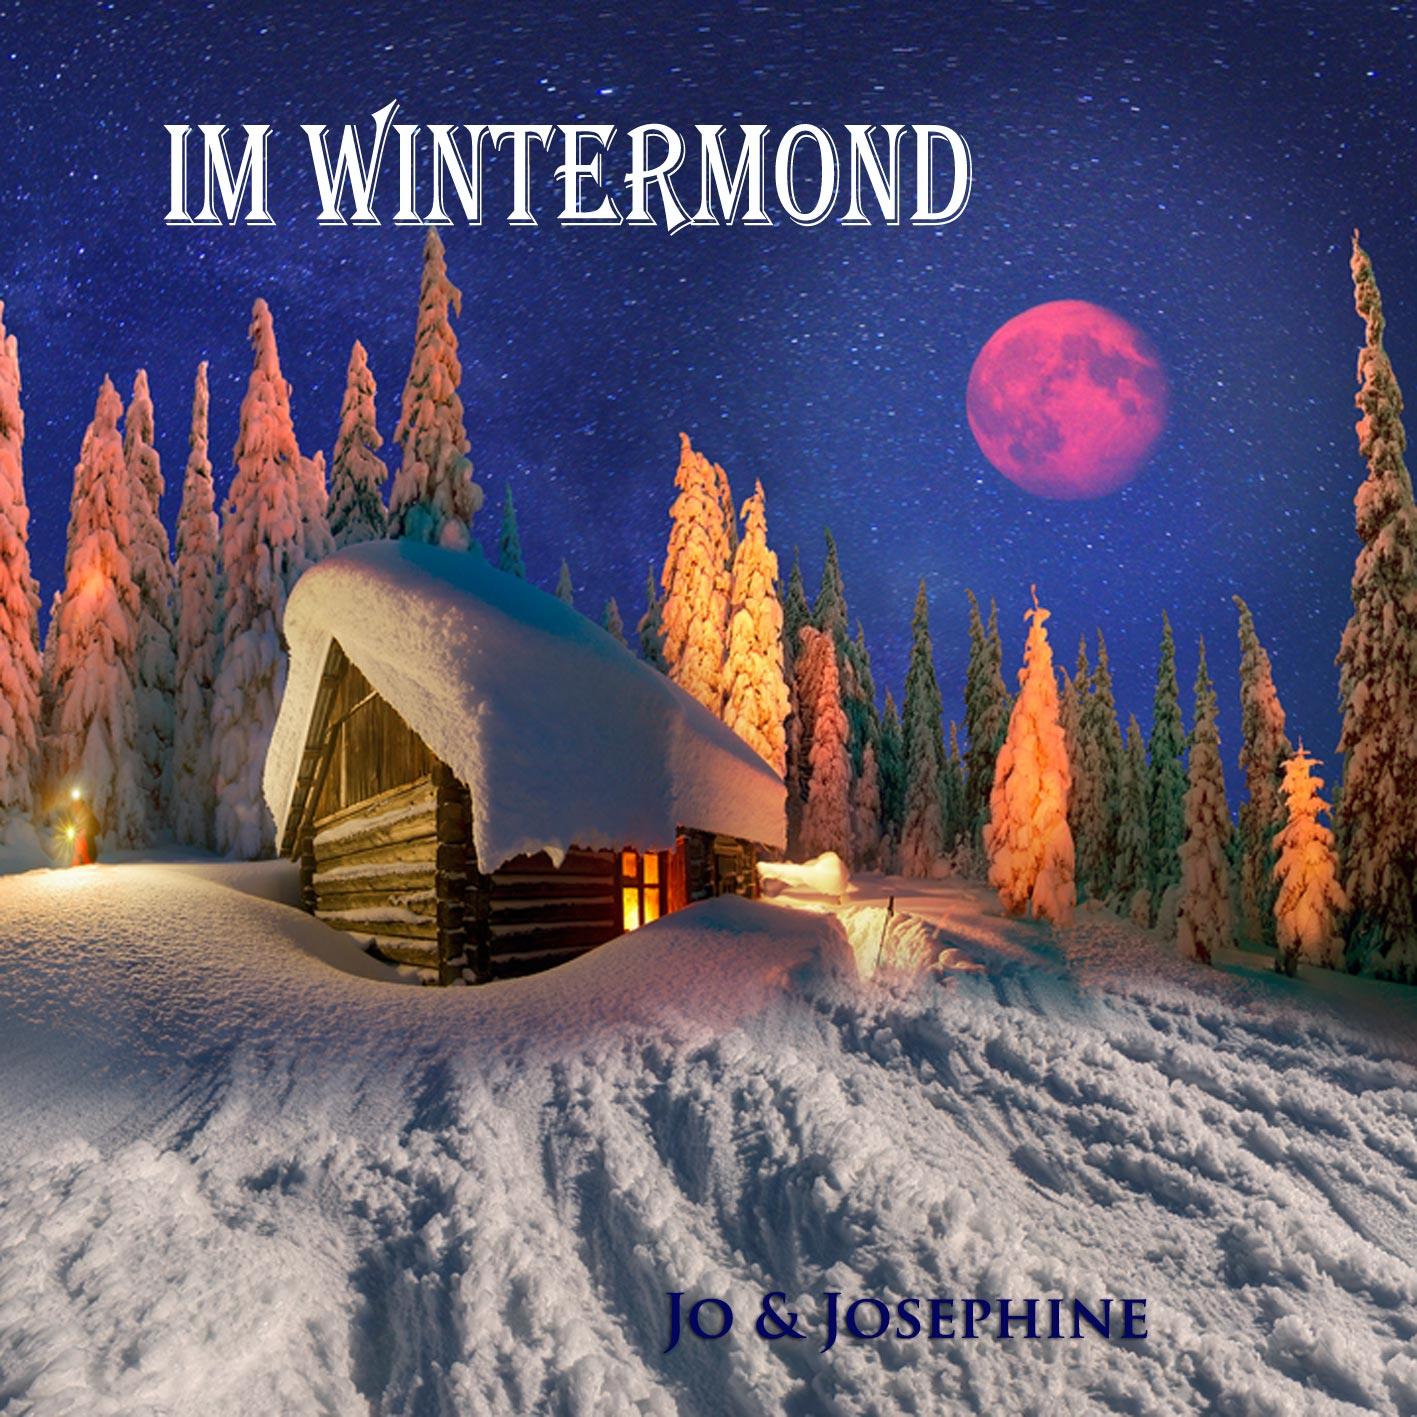 Weihnachtslieder Modern Deutsch.Im Wintermond Rubrik Weihnachtslieder Deutsch